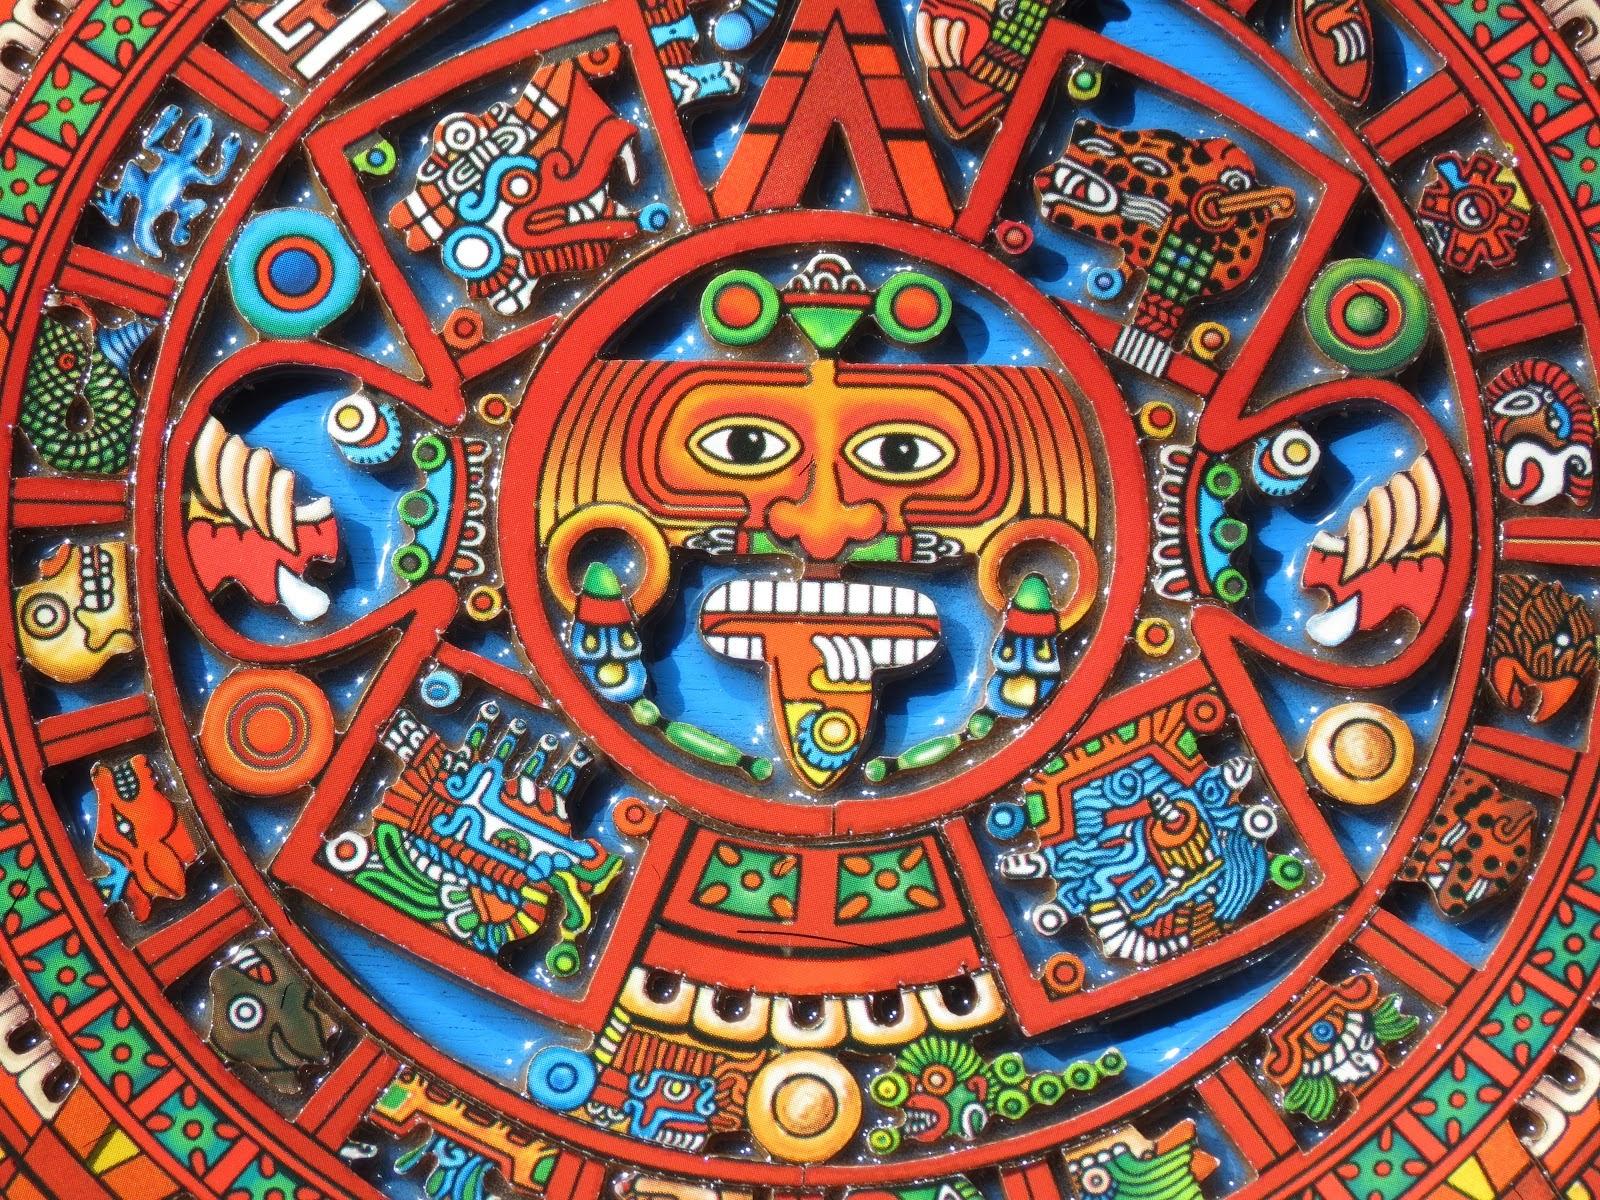 Mexique Artisanat: Souvenirs Mexicains, artisanat ...